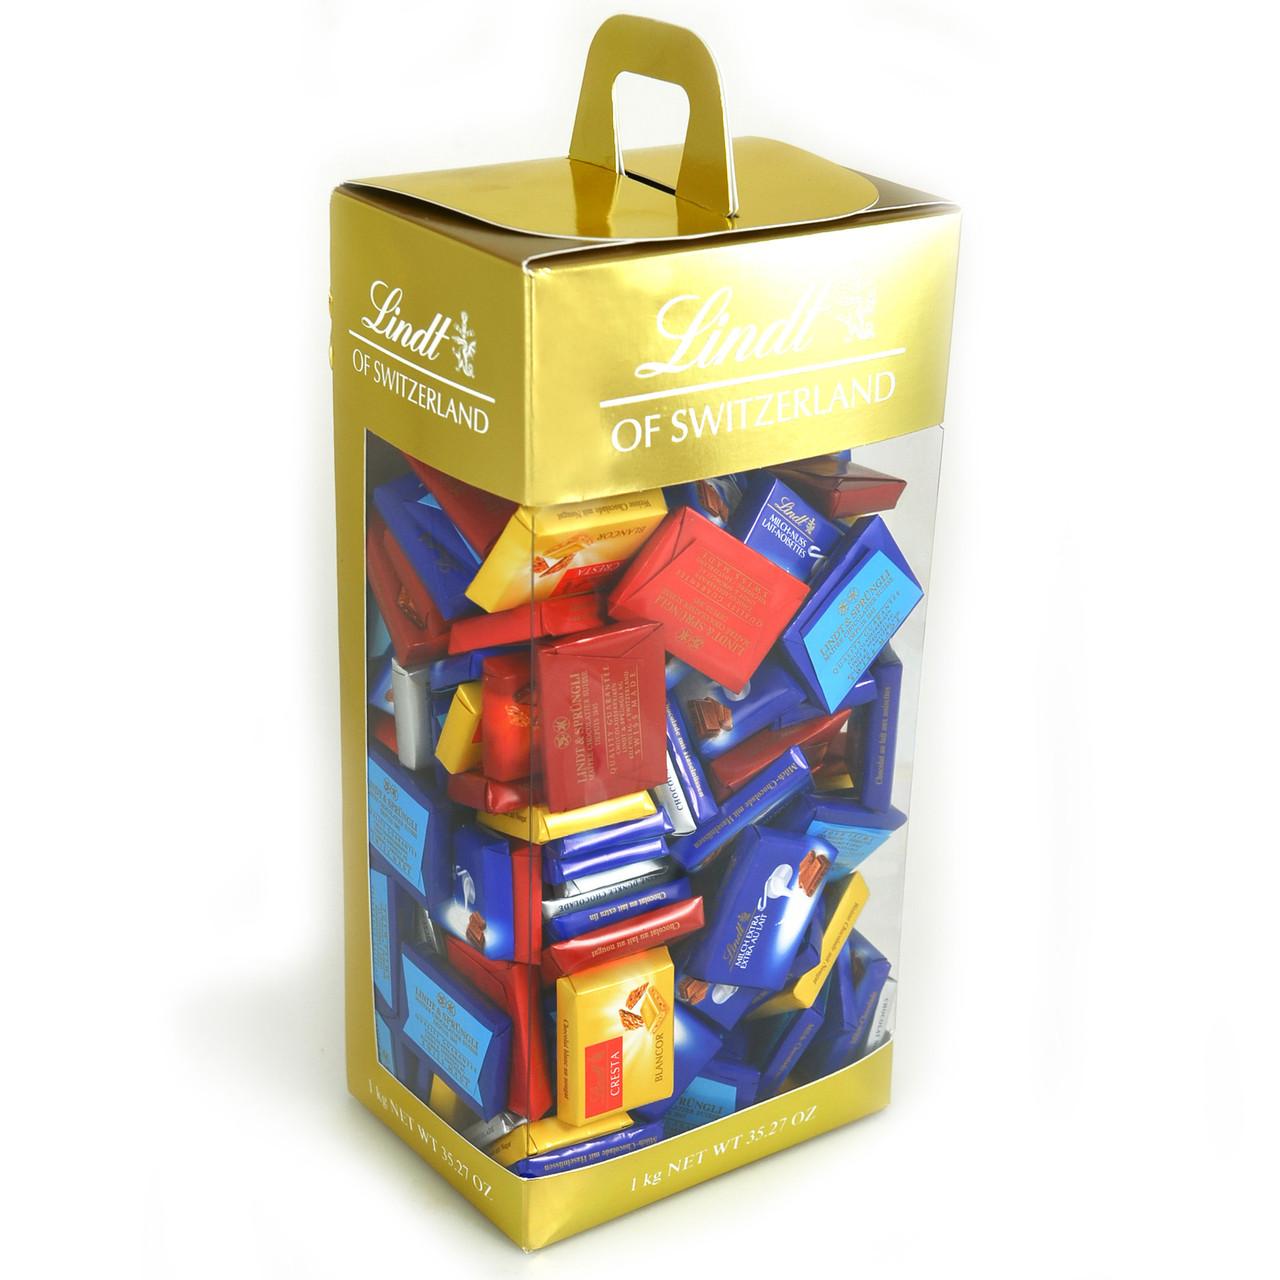 Подарочный набор шоколадных конфет Lindt Swiss Naps, 500 грамм